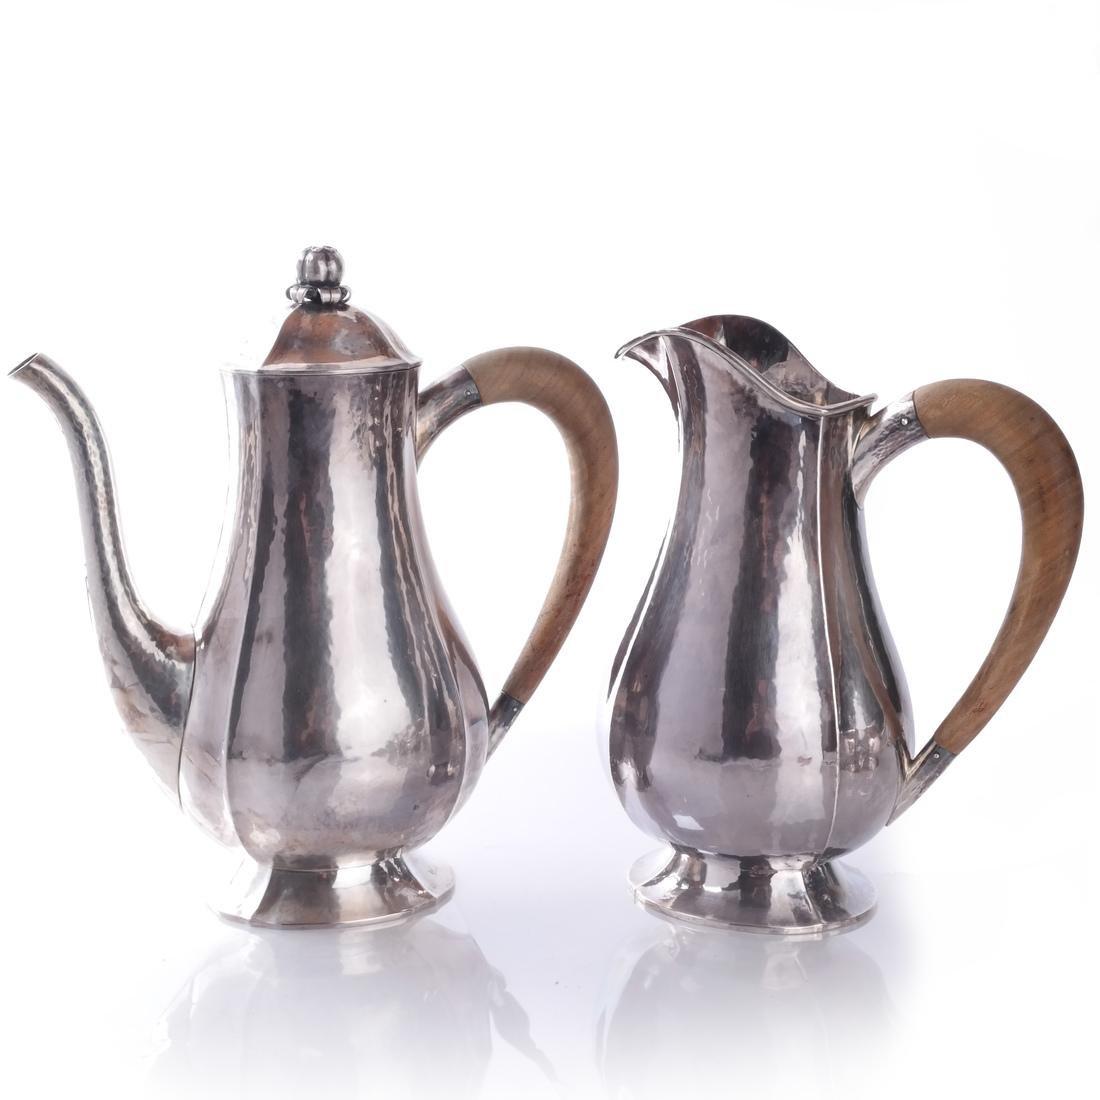 Baltensperger 5-Piece Sterling Tea Set - 2